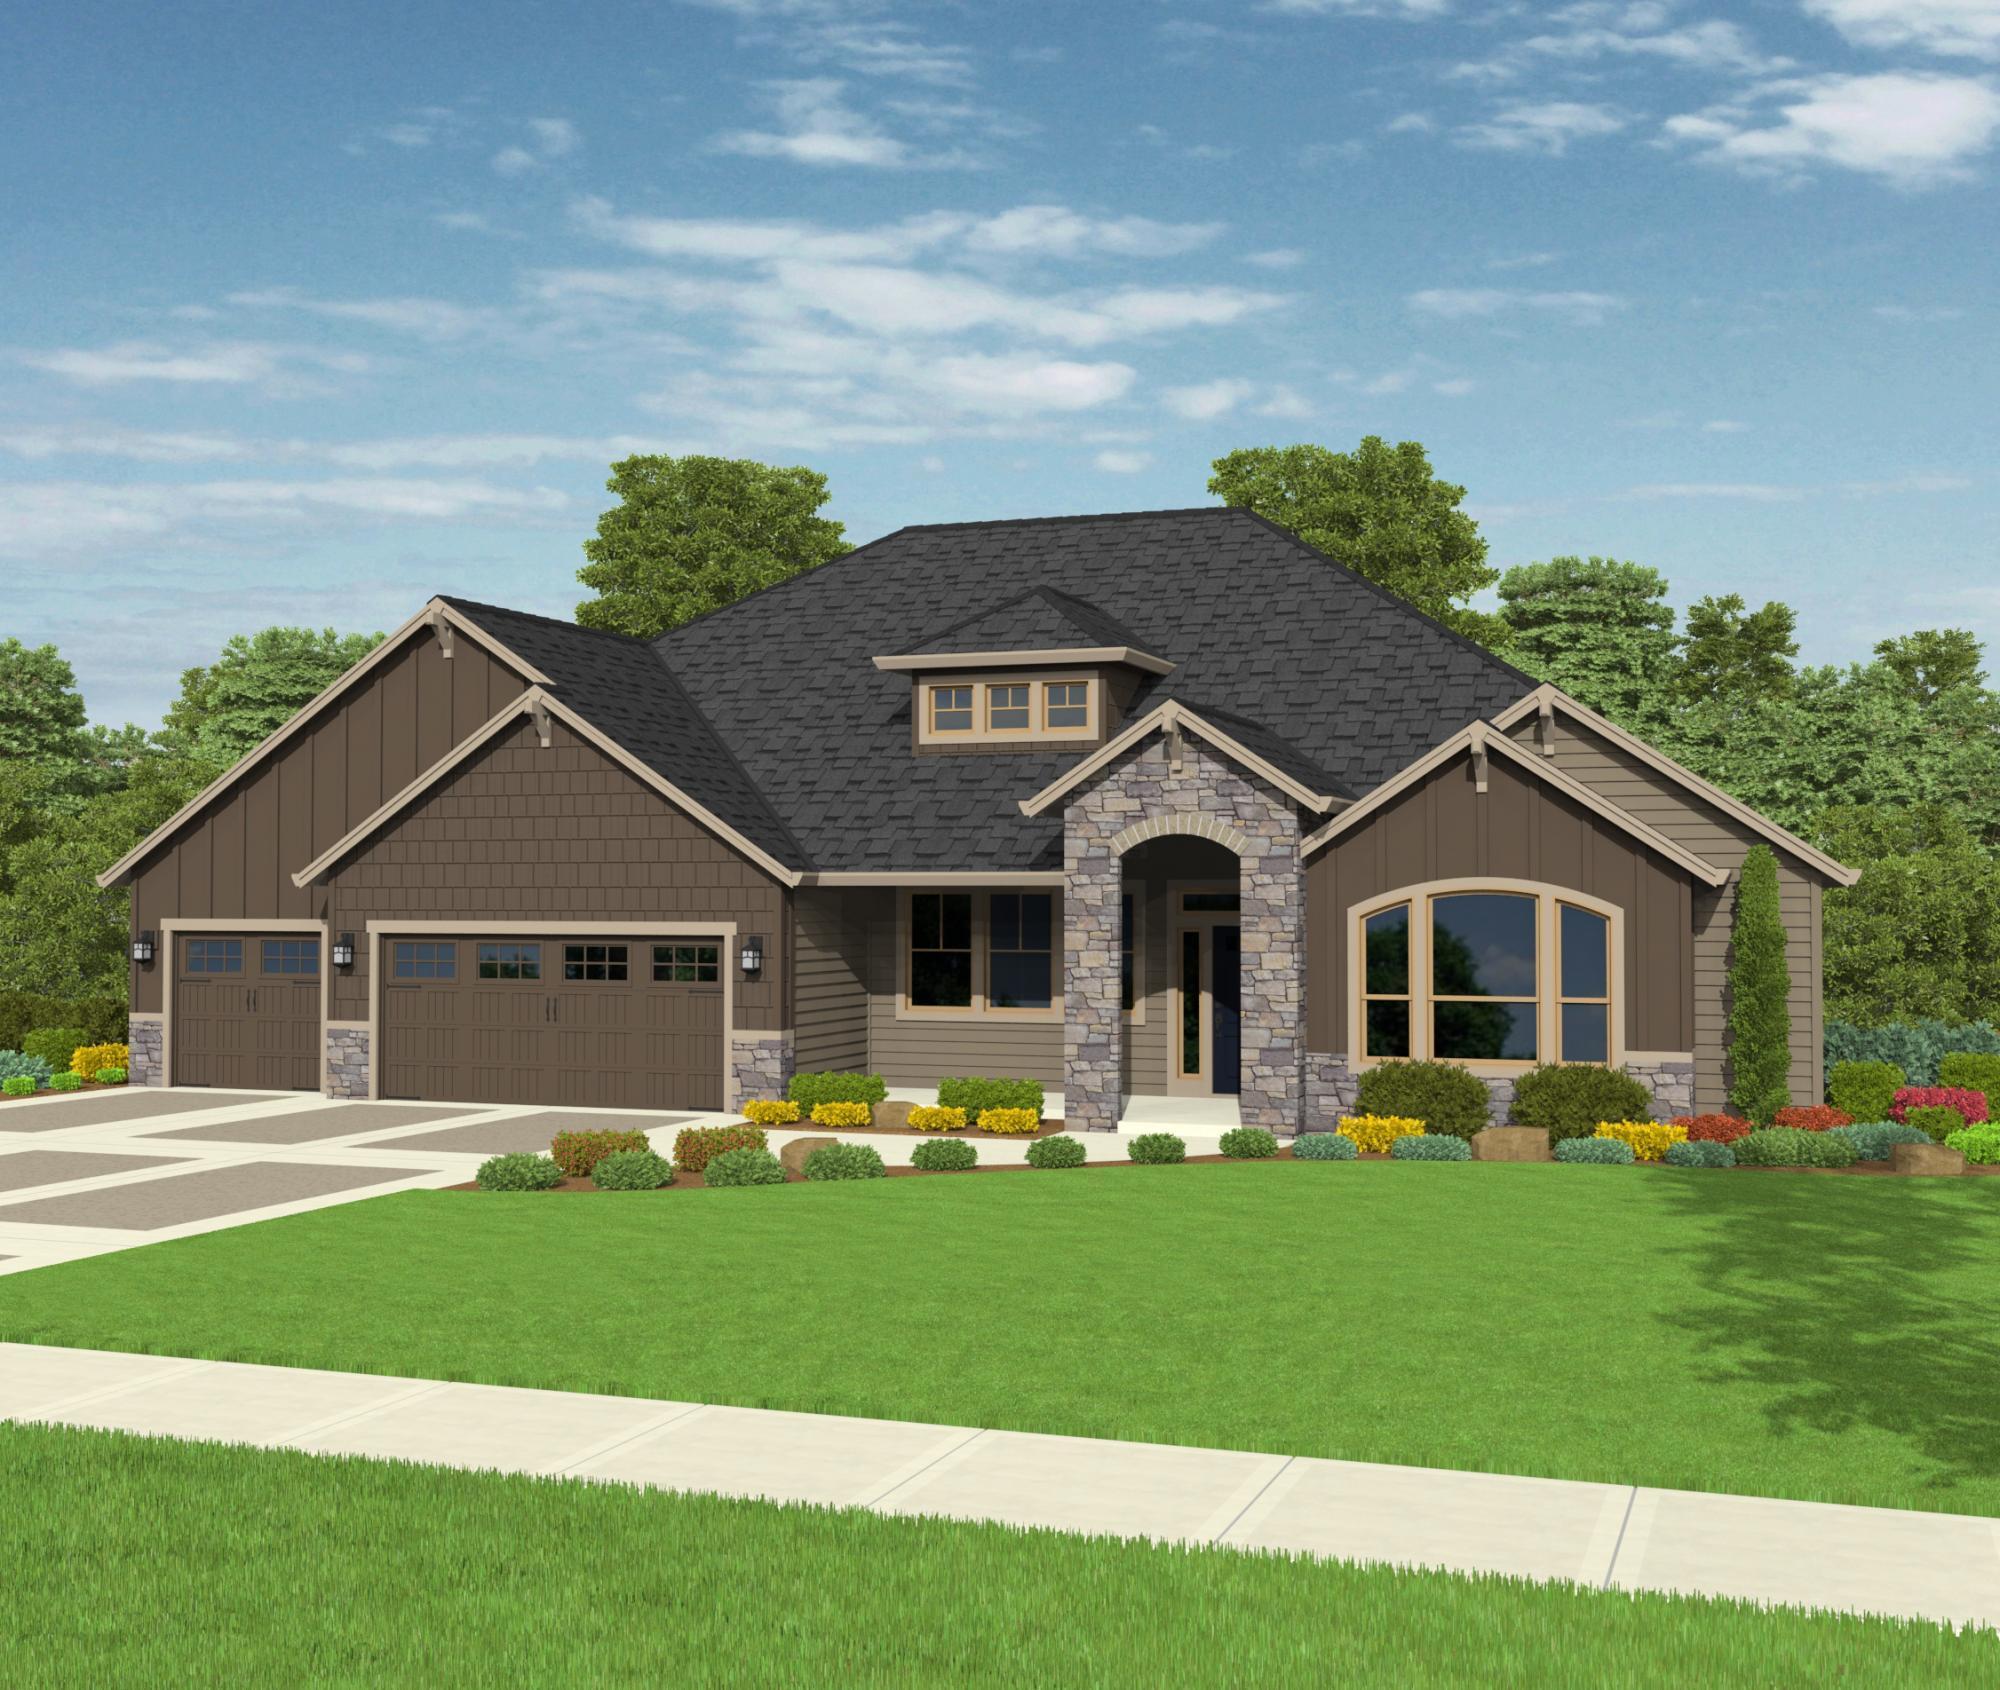 25628 209th Loop SE, Covington, WA Homes & Land - Real Estate